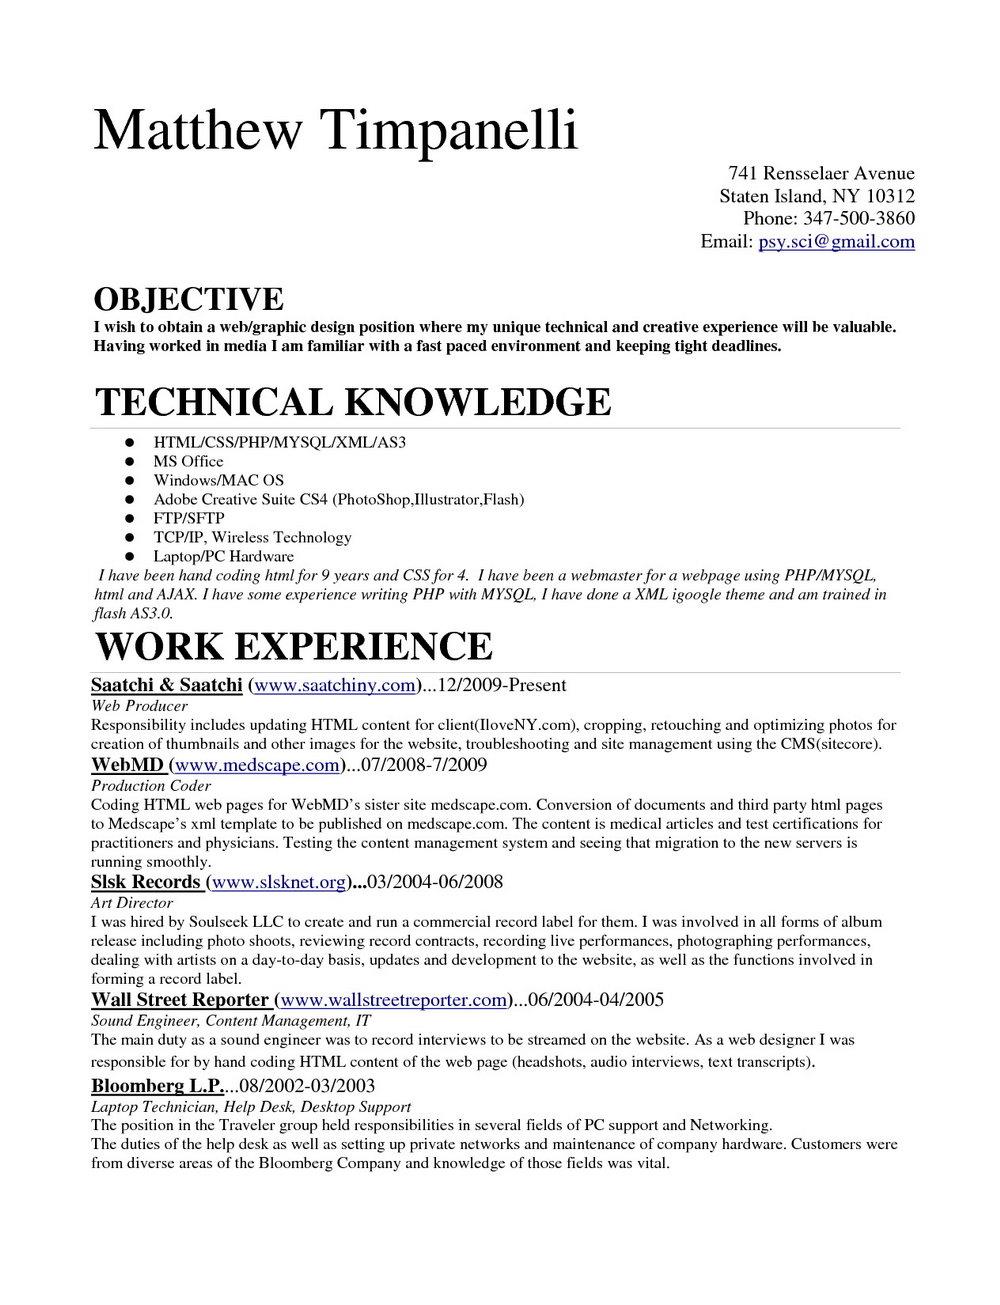 Resume For Medical Coder Fresher